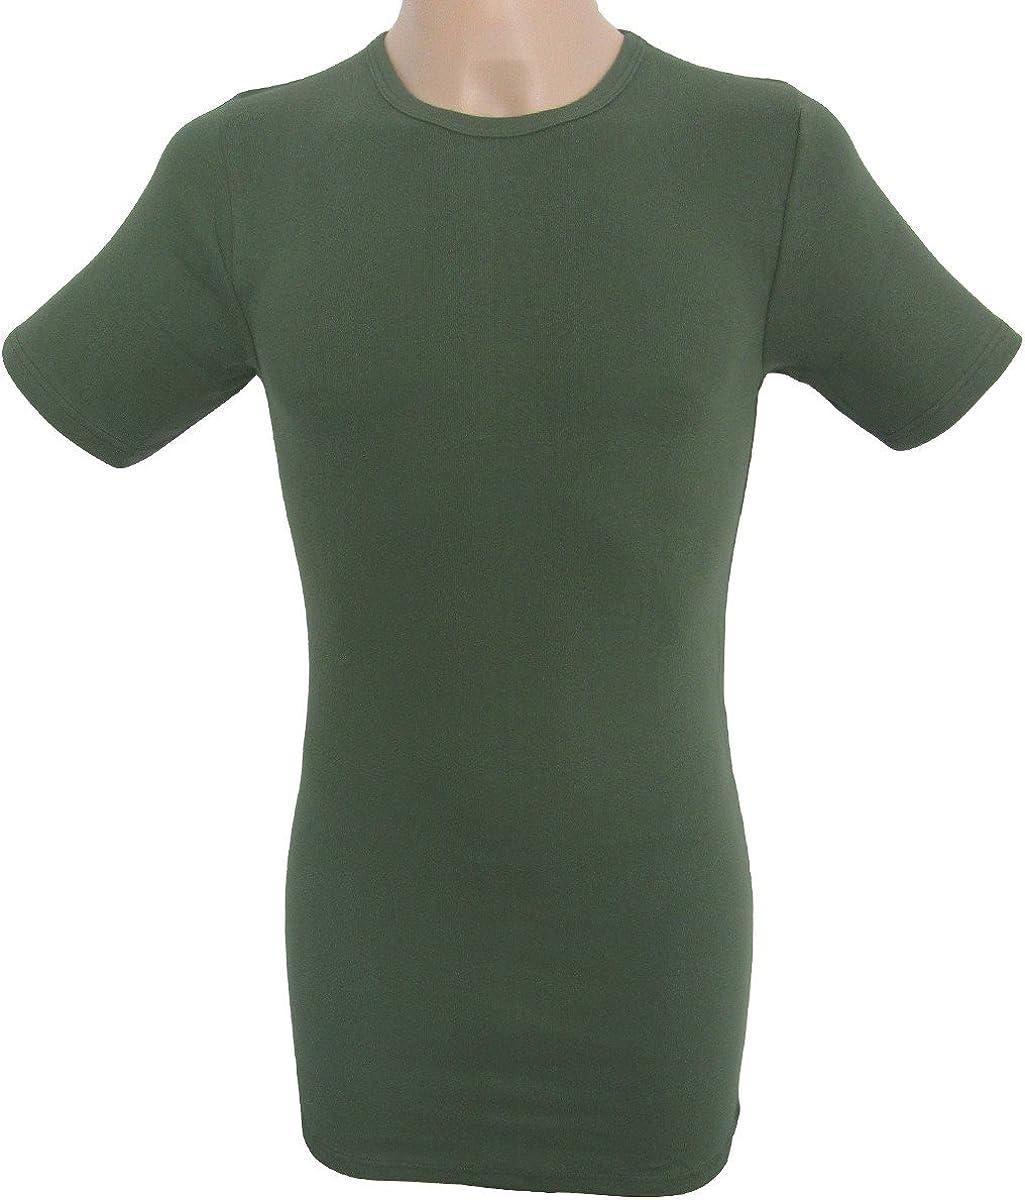 HERMO 3847-3 Business Shirts Homme /à Manche Courte Plus Long Maillot de Corps en 100/% Coton Biologique